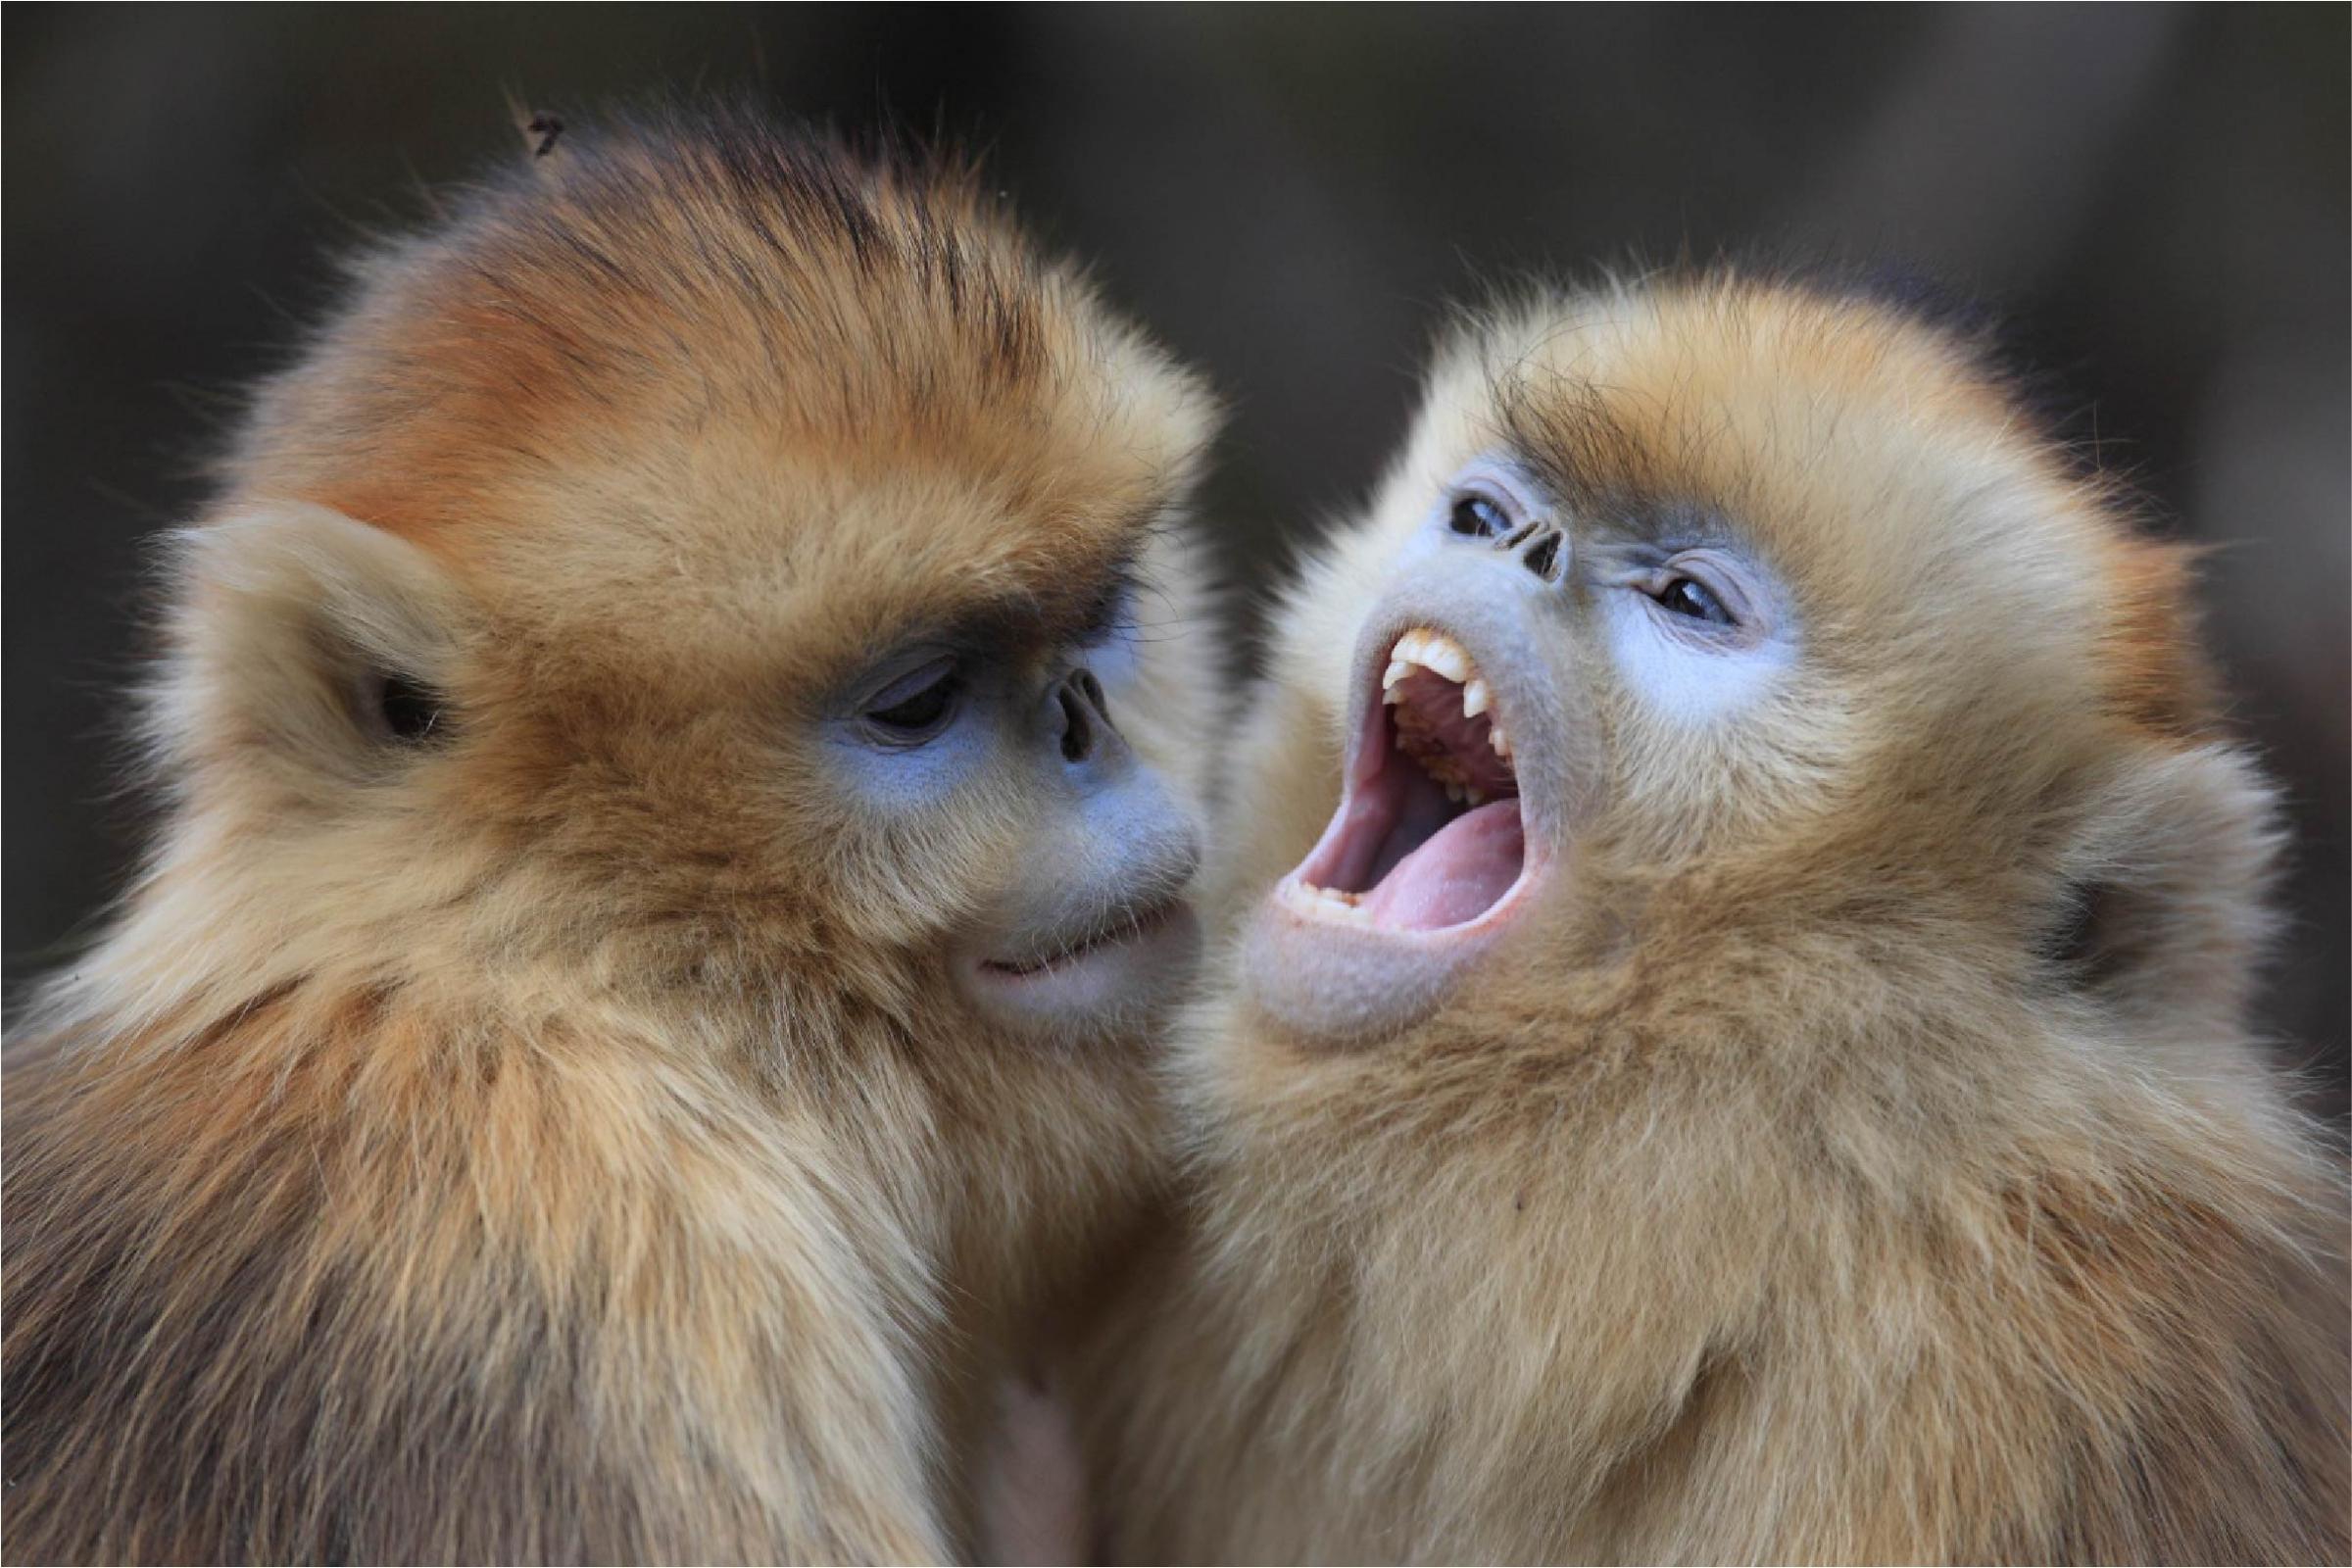 קופי חרומף זהוב | Cyril Ruoso, Nature Picture Library, SPL